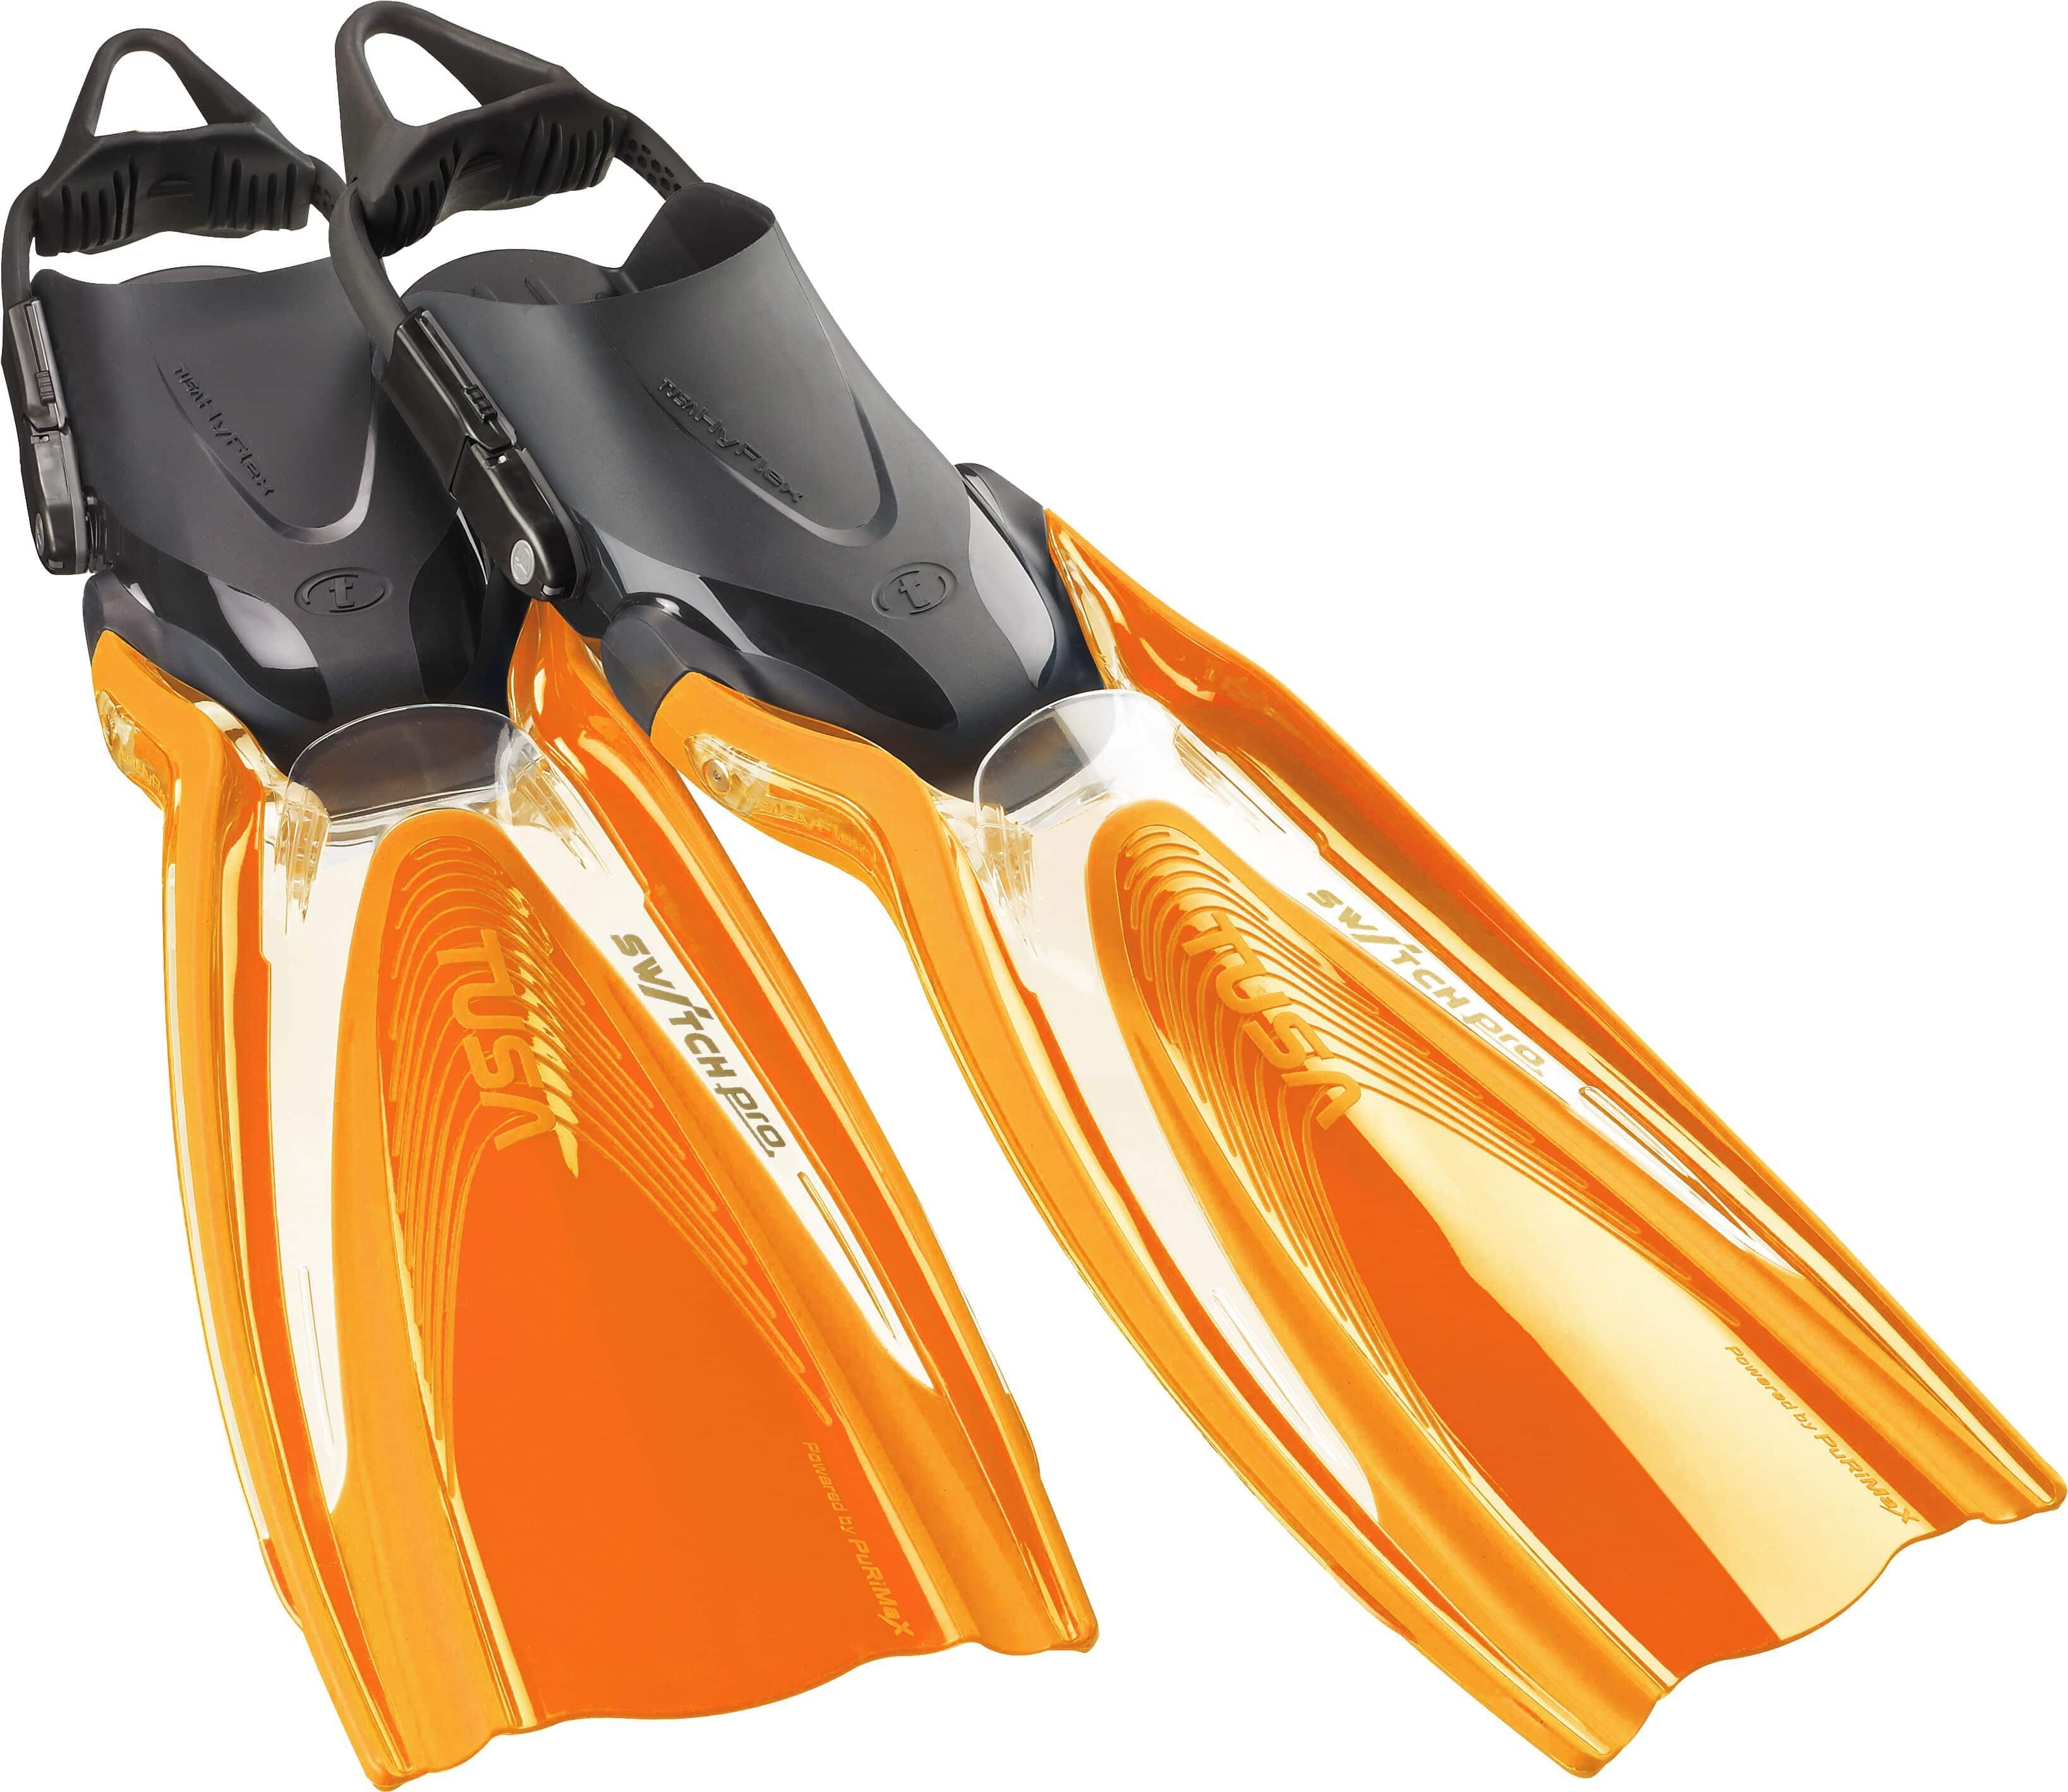 TUSA's HyFlex SWITCH Pro Fins